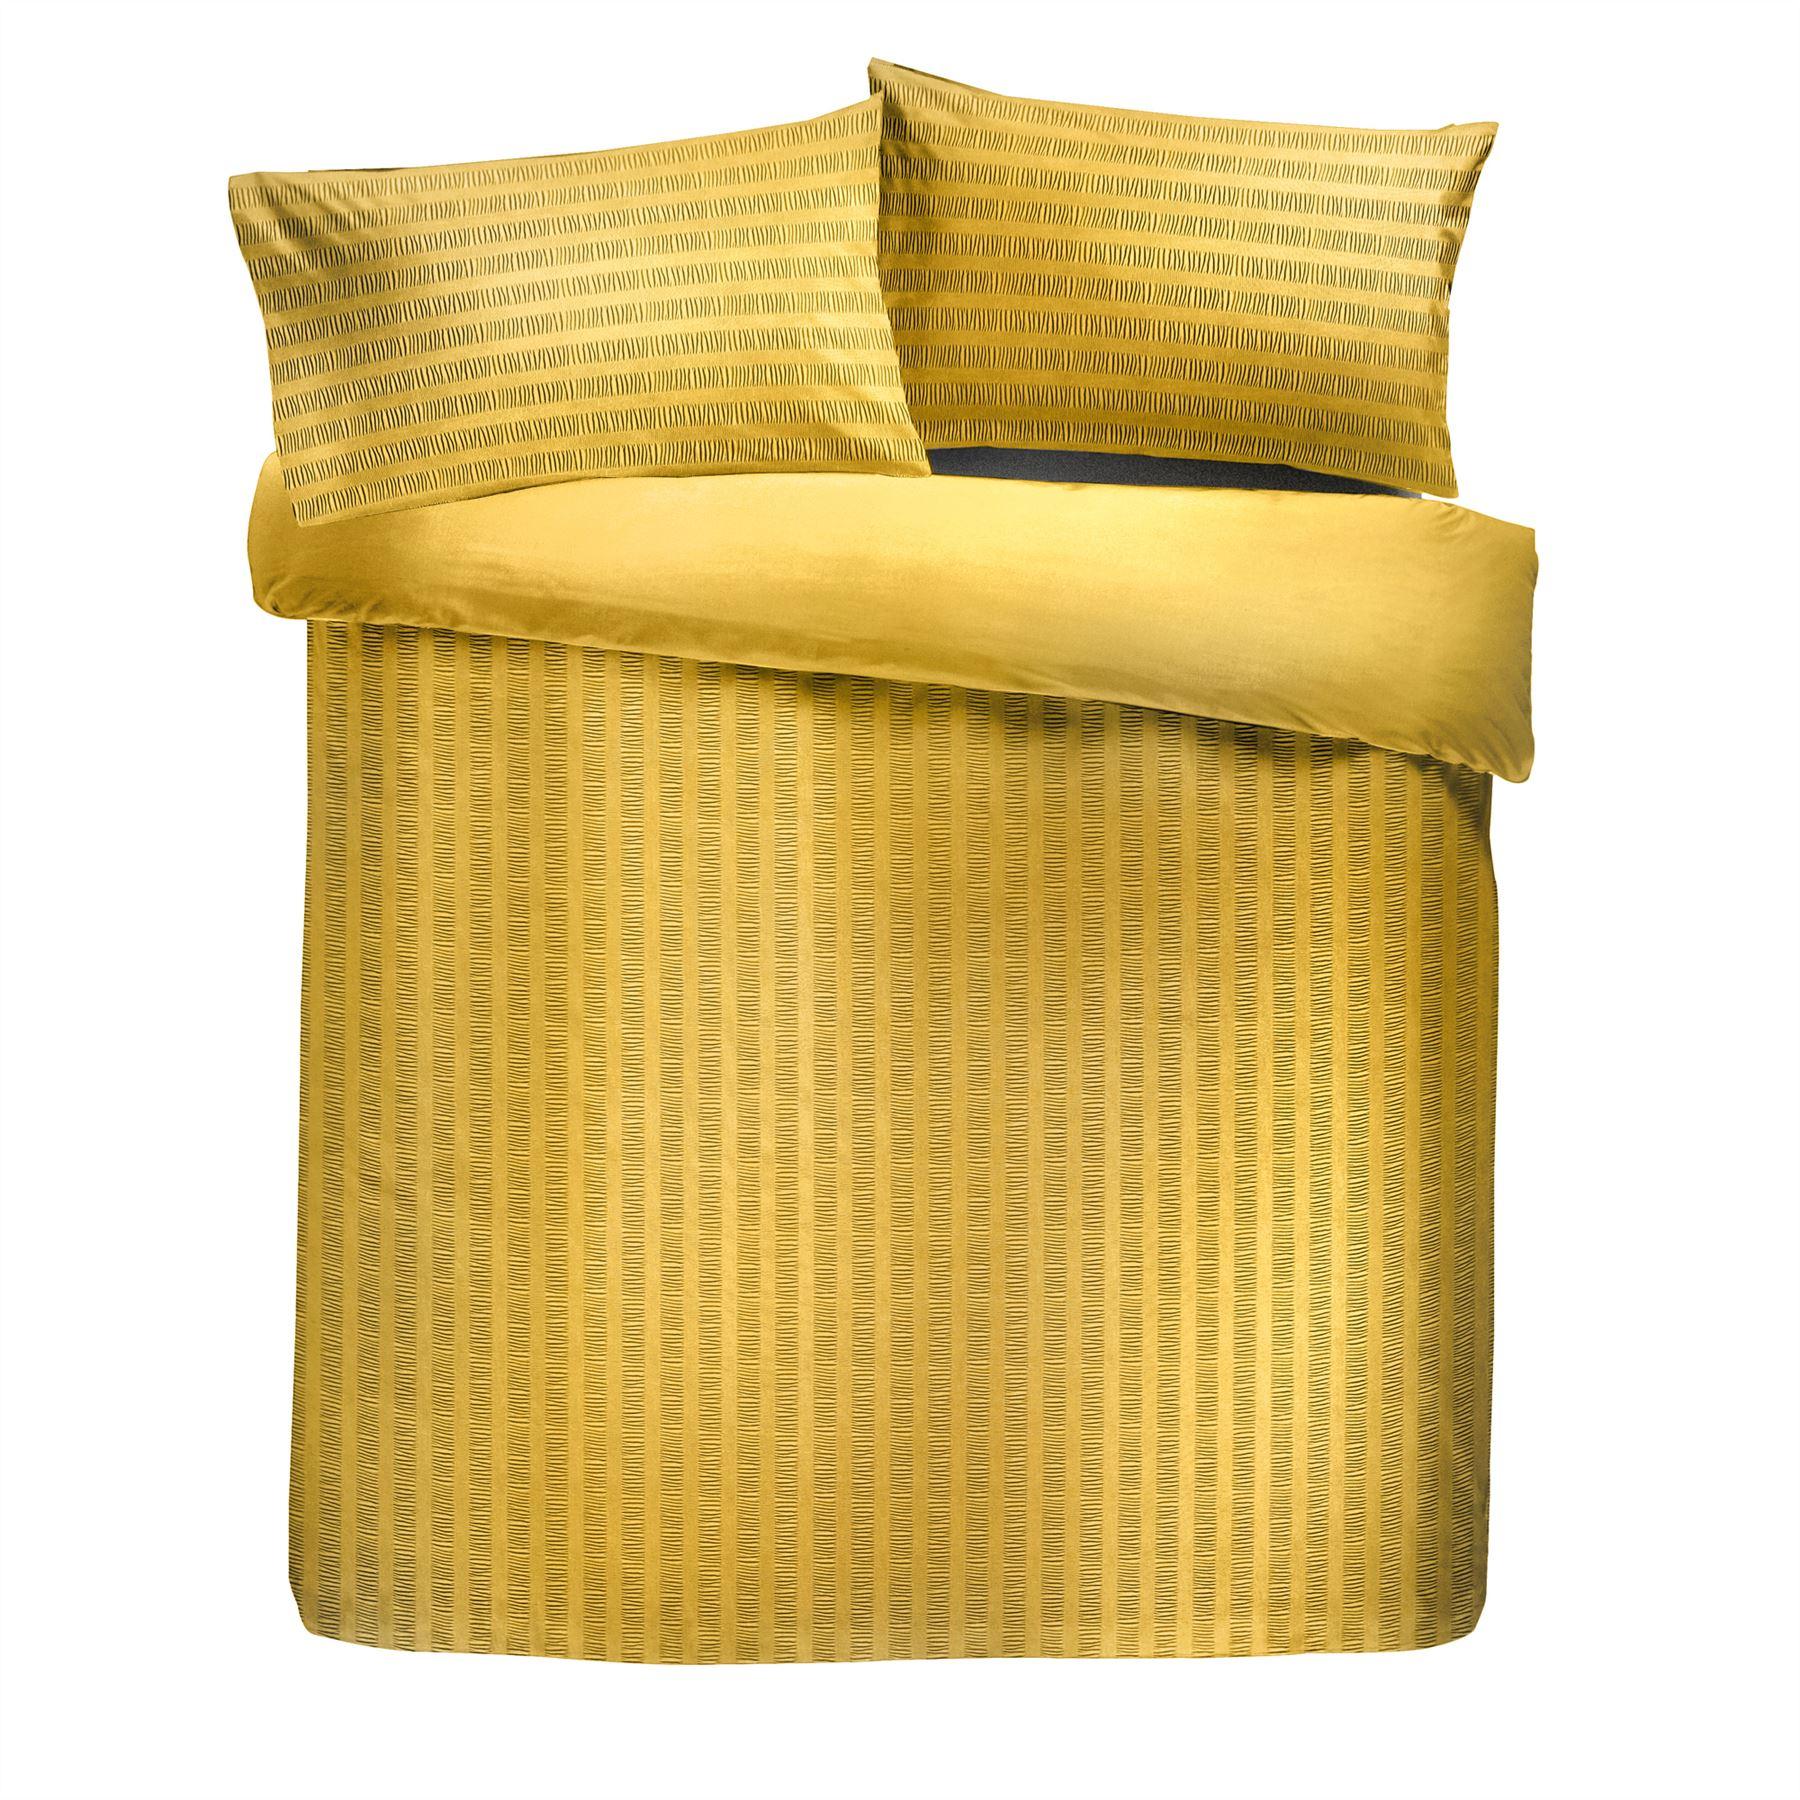 Copripiumino Color Oro.Increspato Pintuck Righe Color Ocra Oro Misto Cotone Doppio